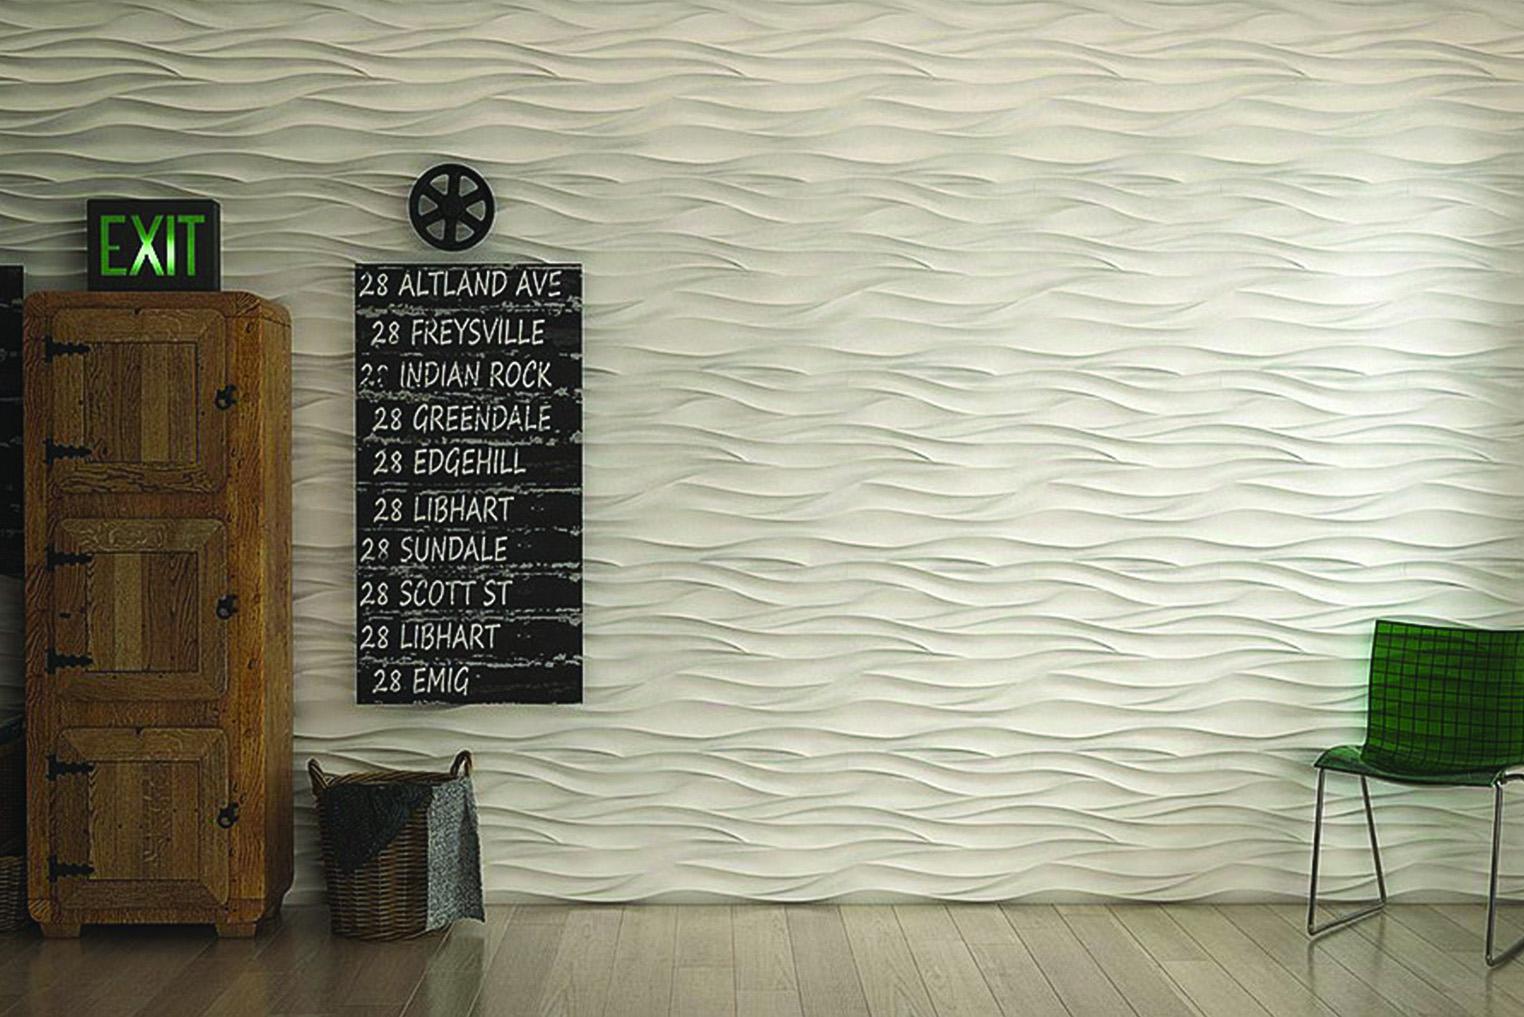 Рельеф декоративных 3D панелей TRIMIC серии «Волна», составленный из мягких трехмерных волн, напоминает песчаные барханы пустыни или неспешную гладь океана. Этот эффект можно усилить, окрасив отделочный материал в градиент – голубой, переходящий в глубокий синий, или светло-бежевый, переливающийся в темно-золотой. Гипсовые 3D панели TRIMIC — это одна из последних разработок в декоре интерьера. С помощью их вы можете легко и быстро изменить внешний вид помещения. Ненавязчивые рисунки на поверхности панели позволят создать в интерьере вашего дома ощущение гармонии и упорядоченности.